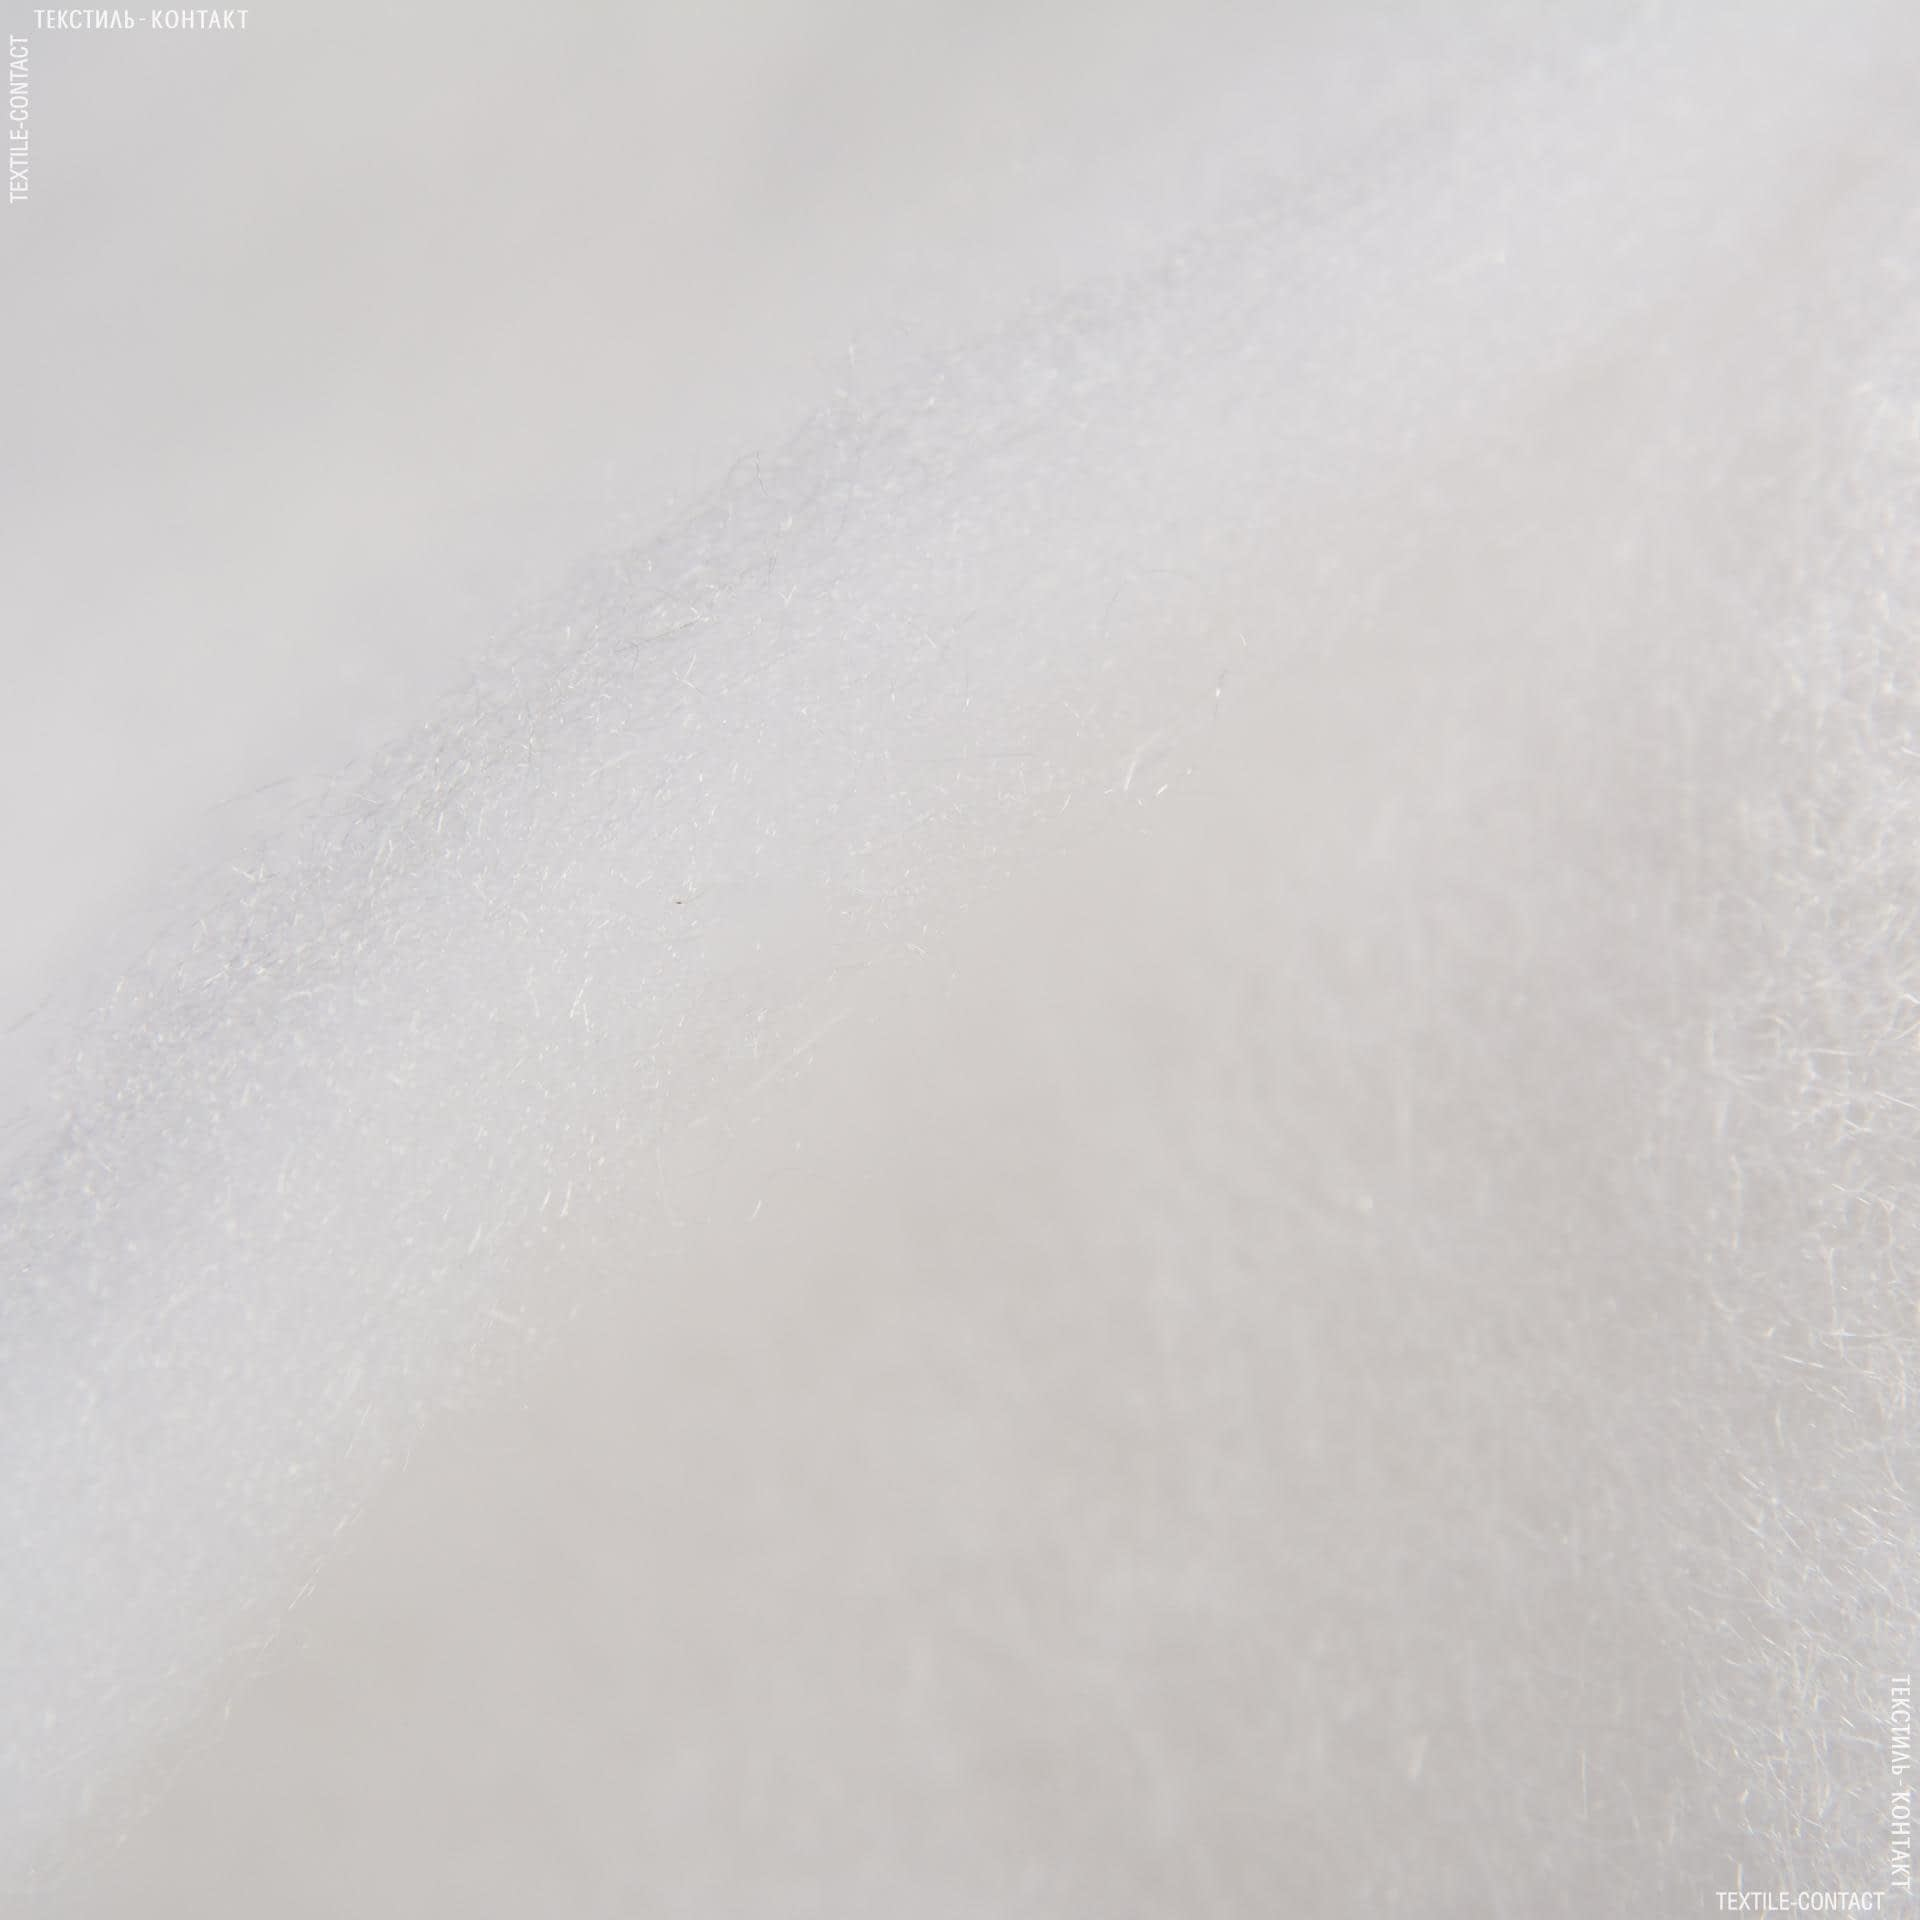 Ткани синтепон - Синтепон 100г/м силиконизированный